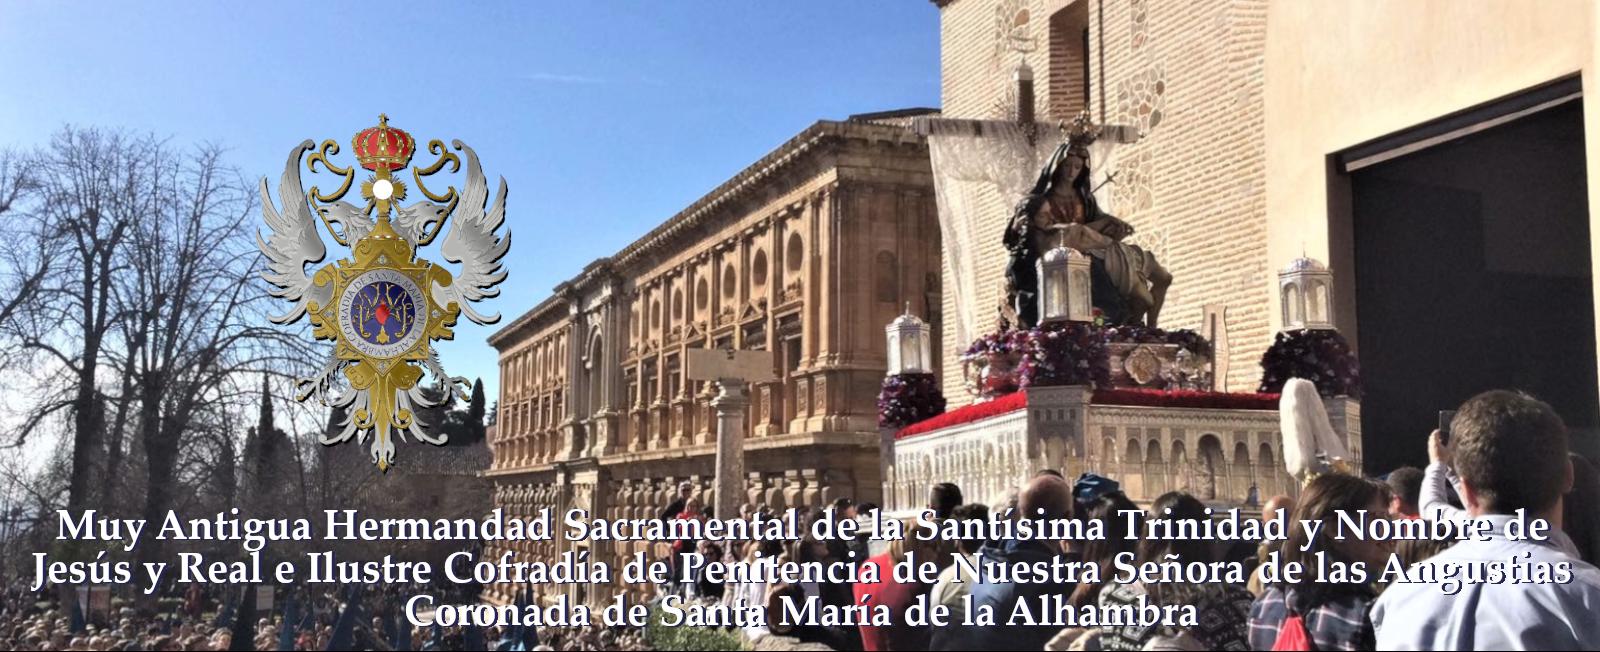 Muy Antigua Hermandad Sacramental de la Santísima Trinidad y Nombre de Jesús y Real e Ilustre Cofradía de Penitencia de Nuestra Señora de las Angustias Coronada de Santa María de la Alhambra